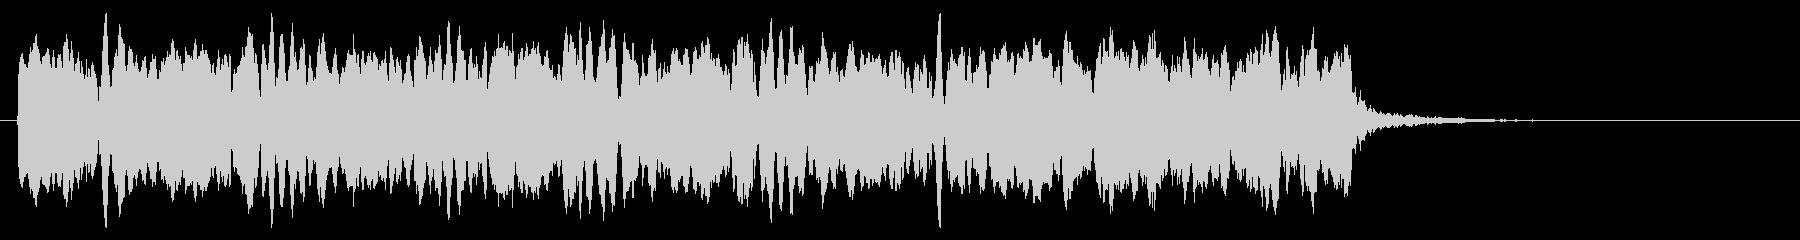 8bitパワーU-D-02-3_revの未再生の波形